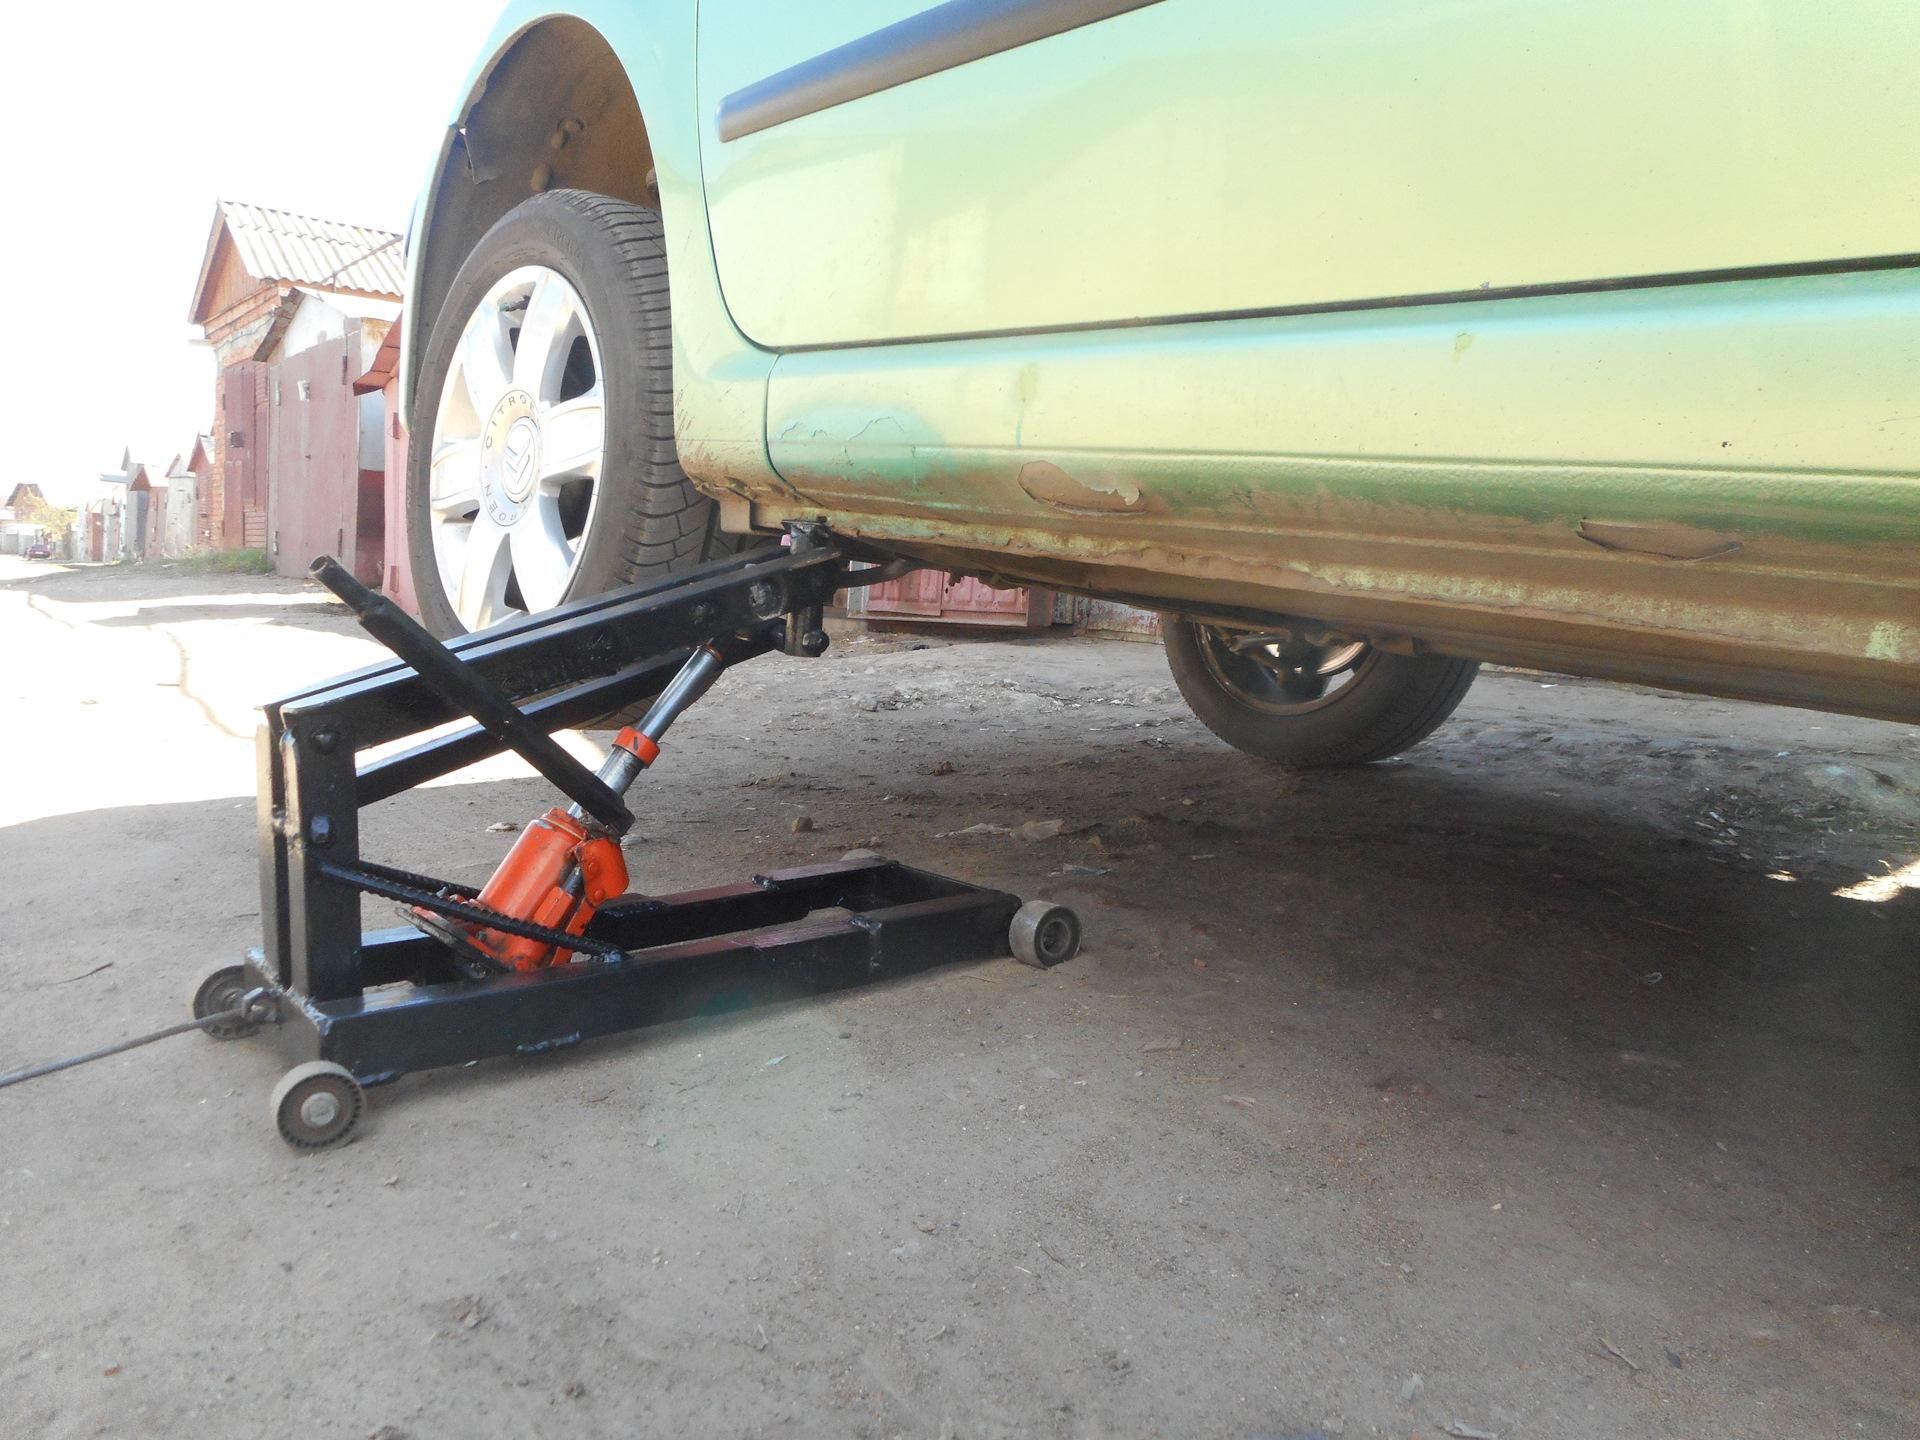 Подъёмник для легкового автомобиля своими руками: 2 простых варианта